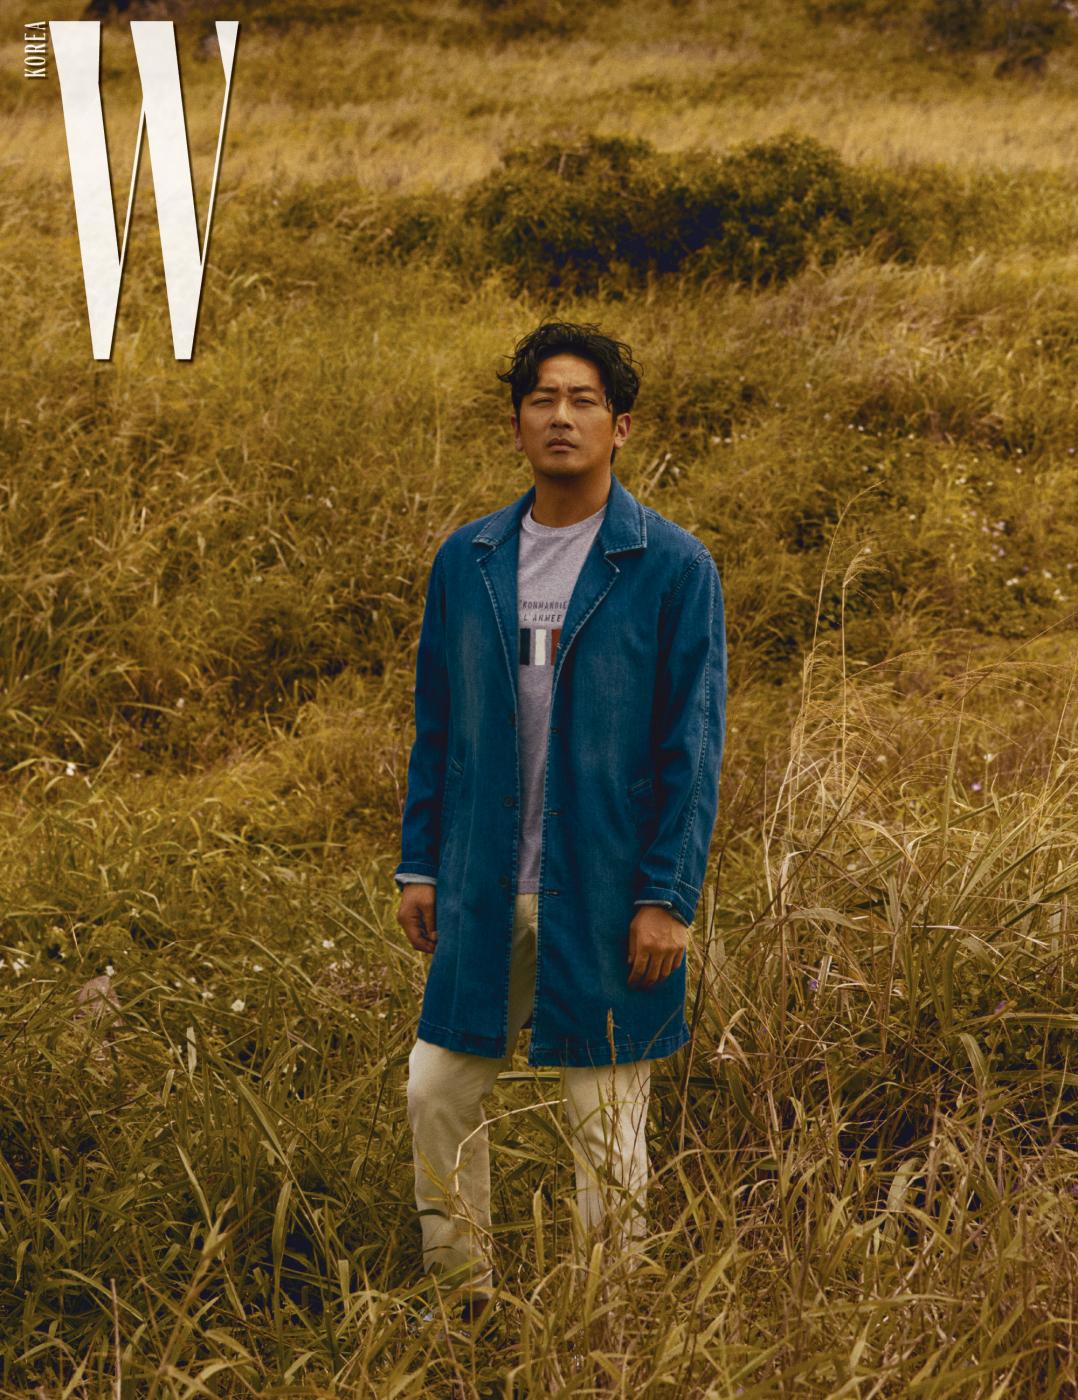 트렌치 재킷, 티셔츠, 팬츠는 모두 Breuer 제품